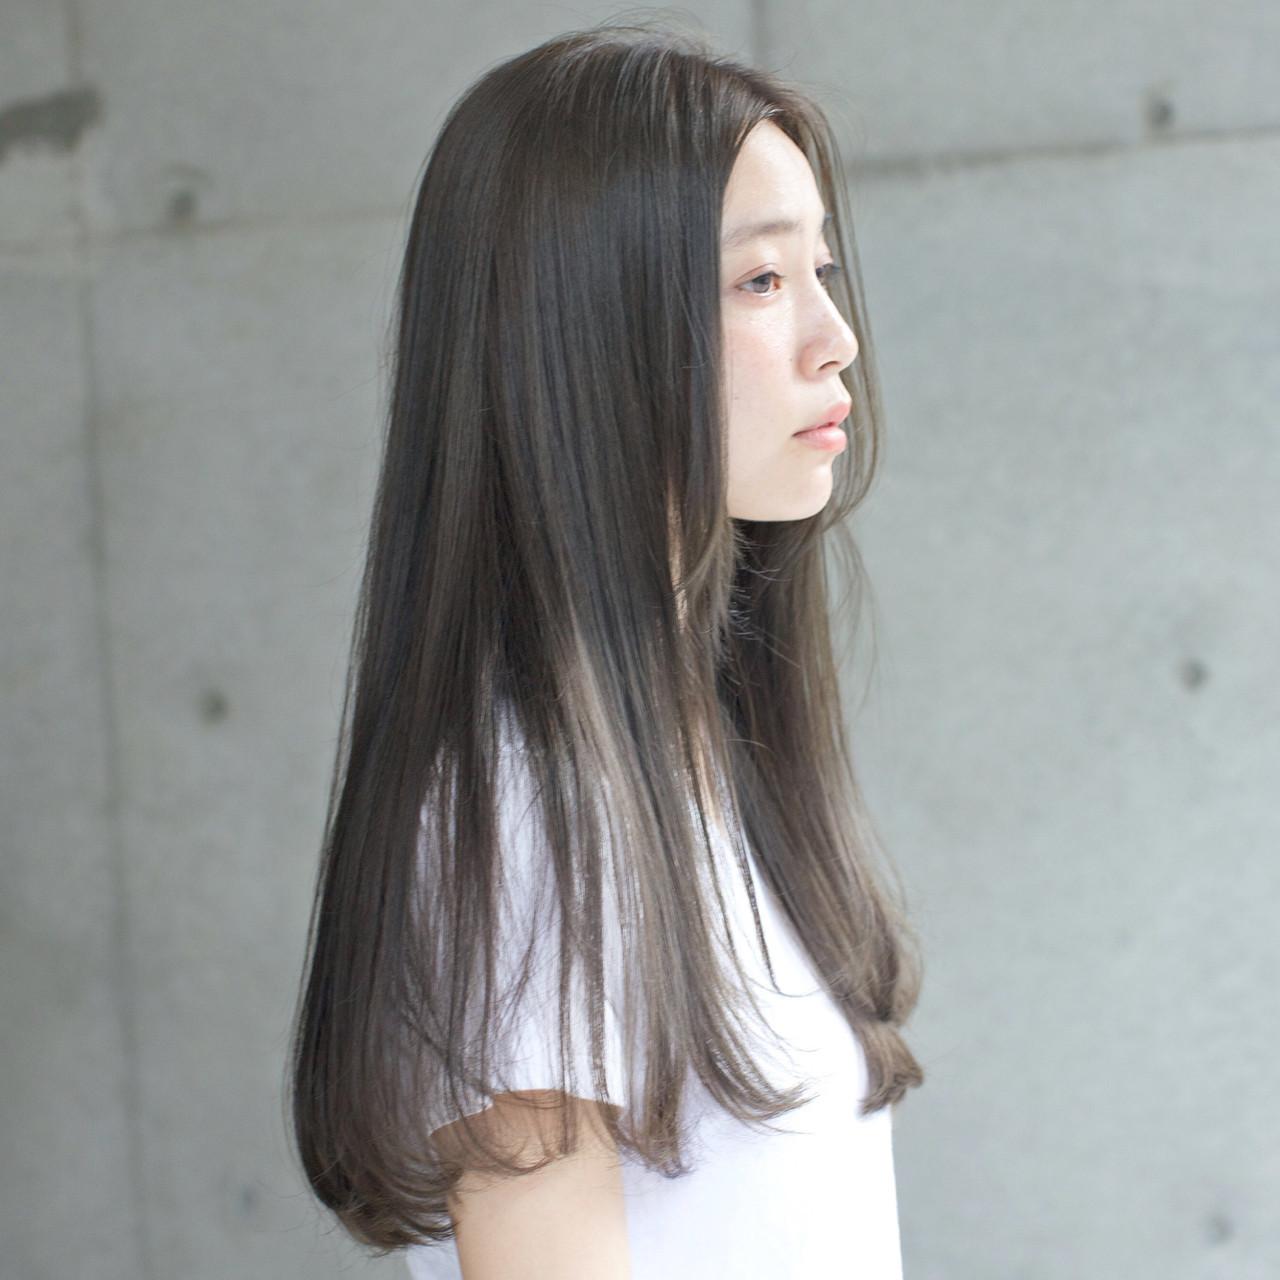 サラツヤ髪は手入れが大事。毎日できるケアを続けてみようの1枚目の画像